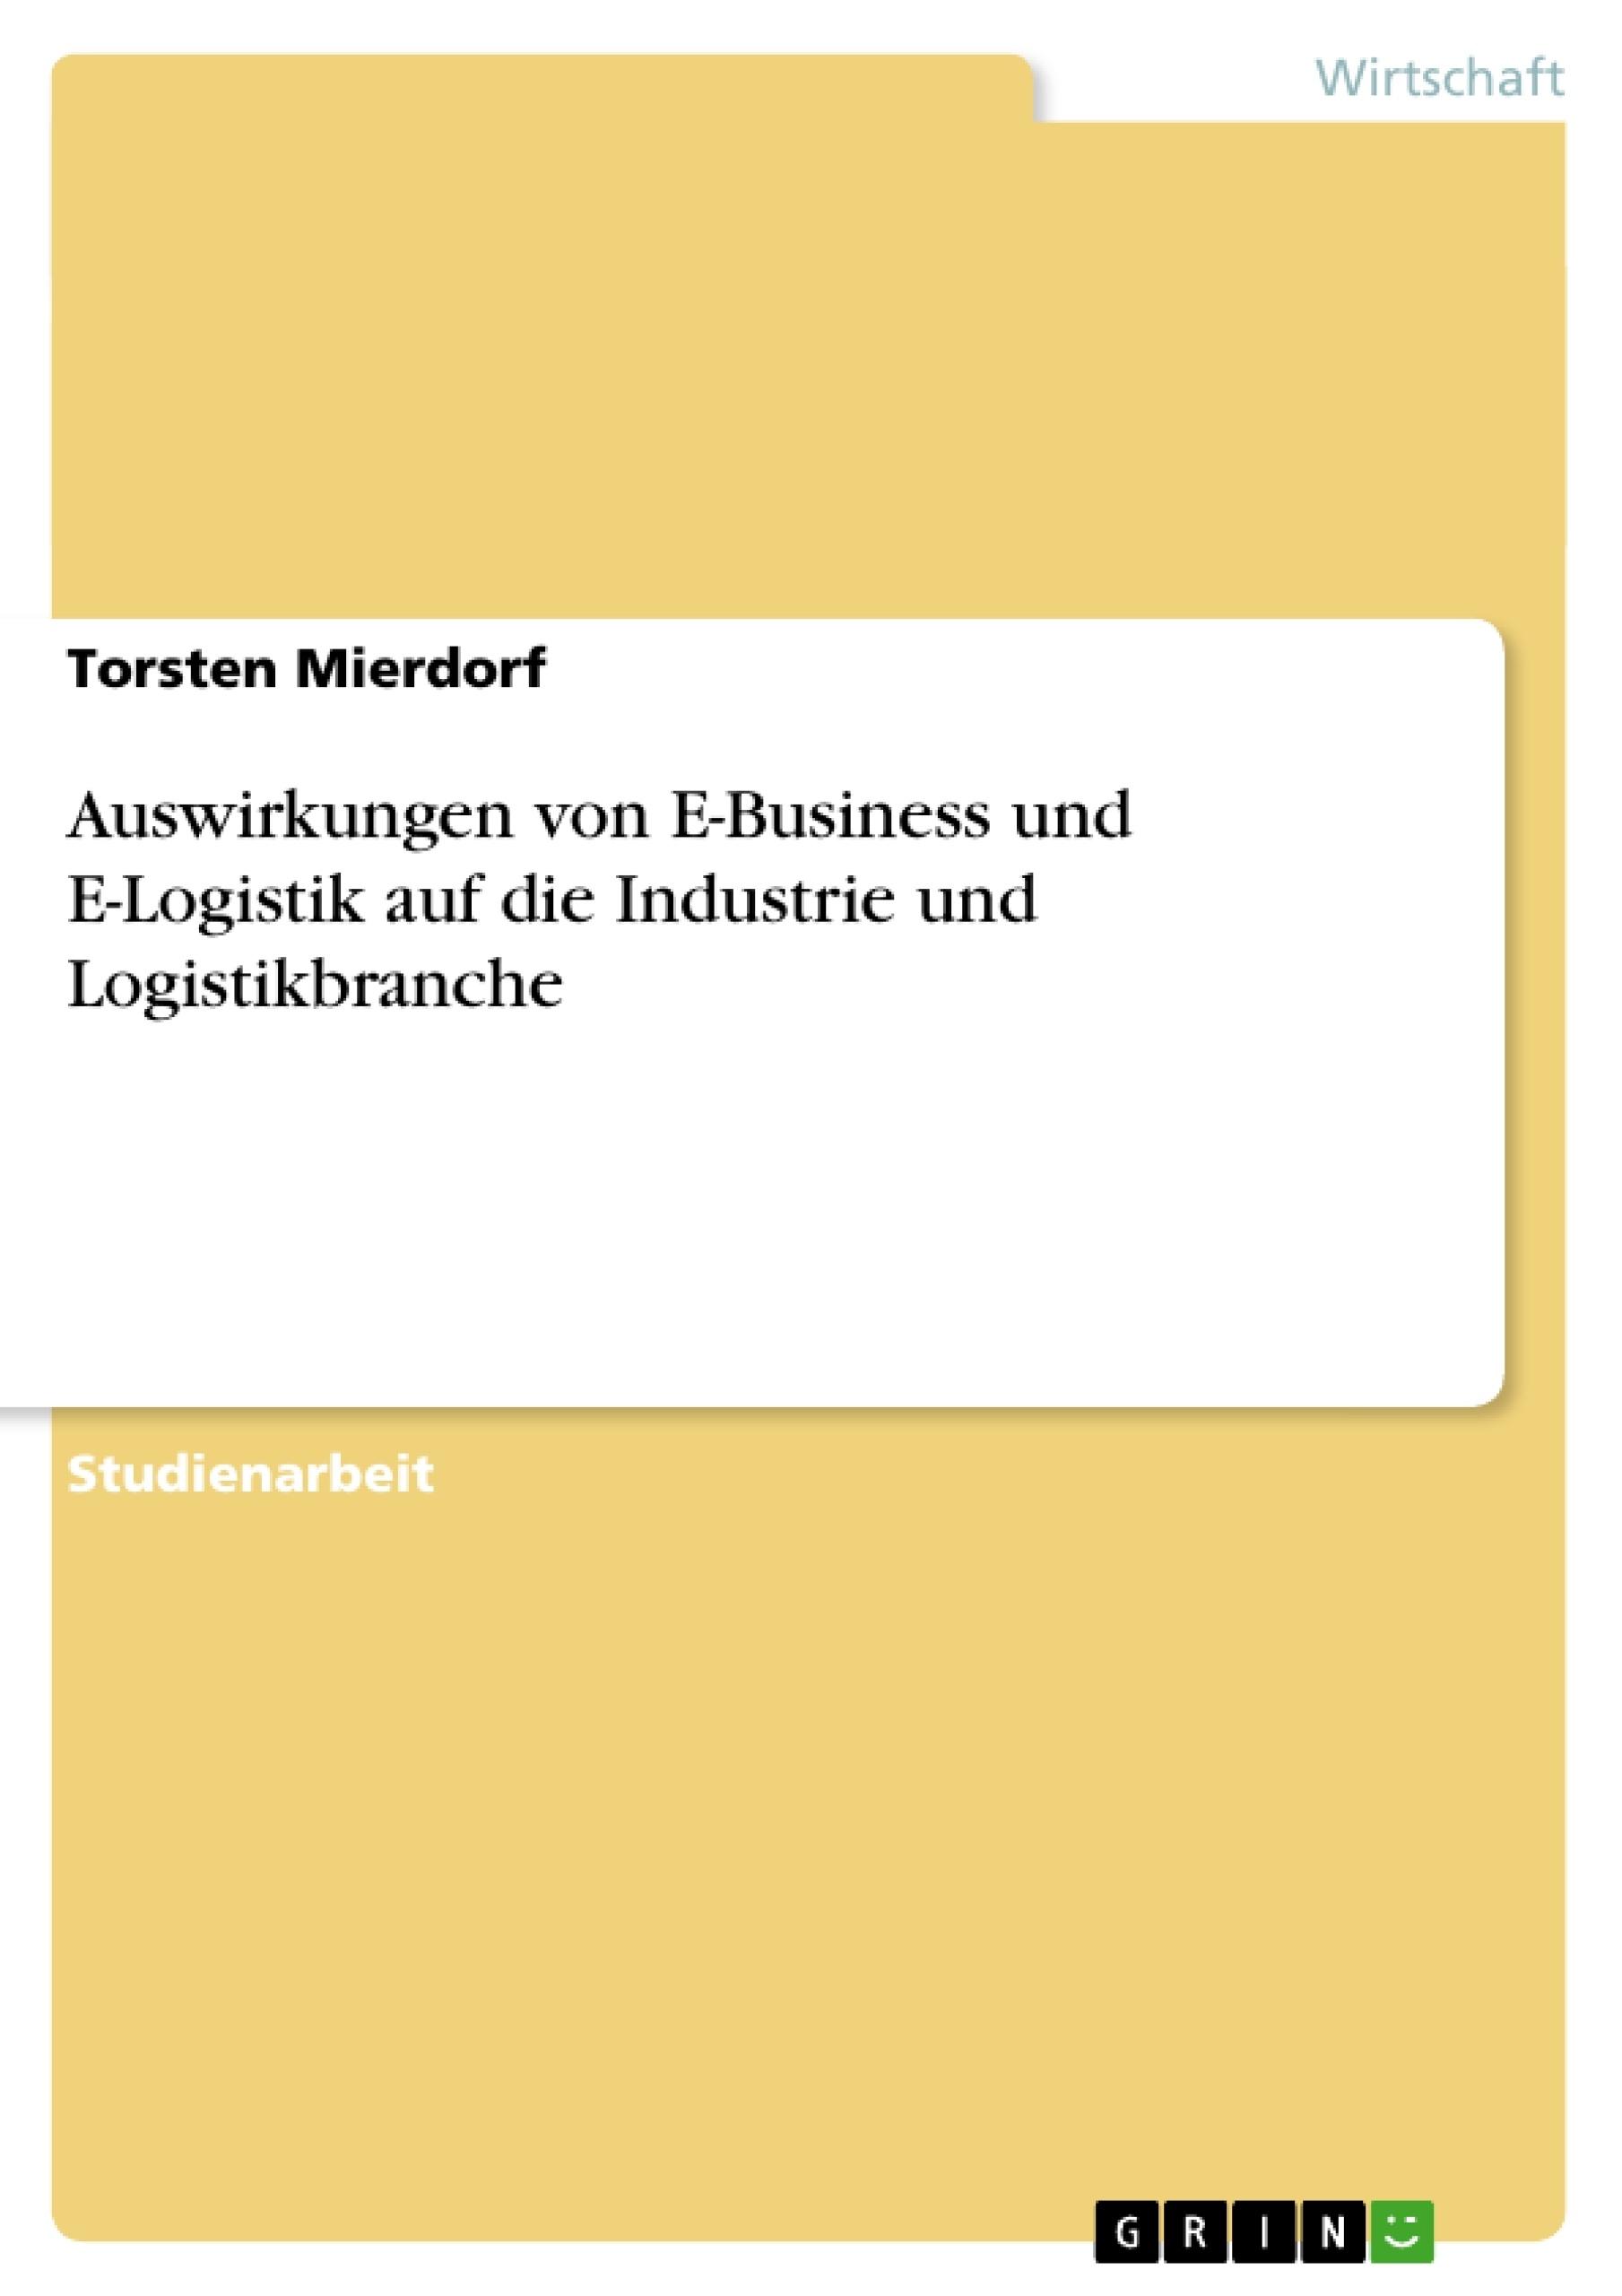 Titel: Auswirkungen von E-Business und E-Logistik auf die Industrie und Logistikbranche